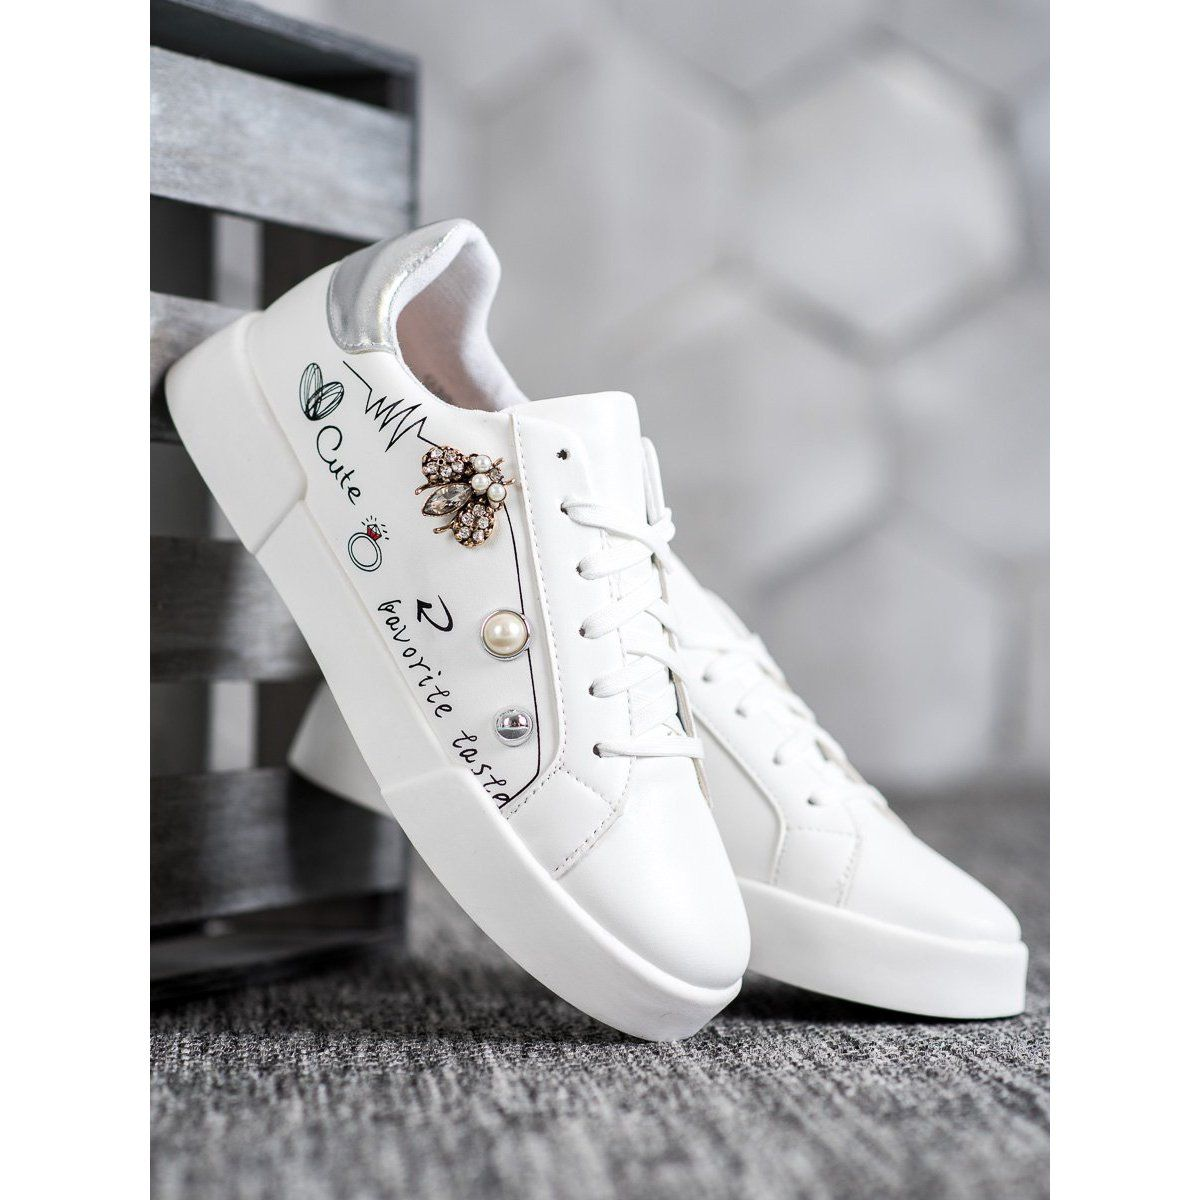 Bestelle Buty Sportowe Z Ozdobami Biale Wedding Sneaker Sneakers Shoes